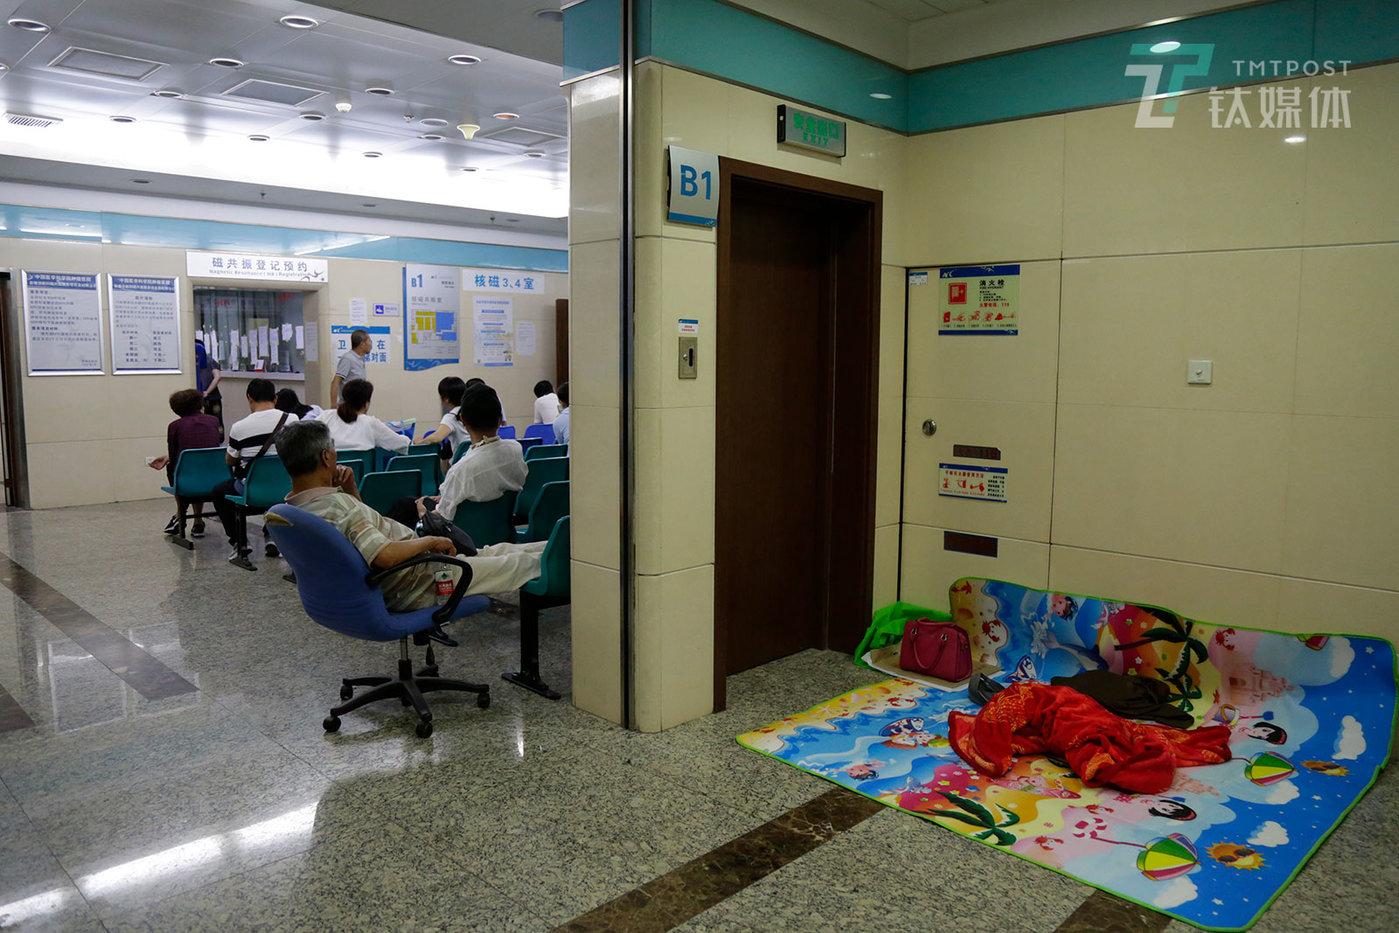 2019-01-2423:48,北京,中国医学科学院肿瘤医院,患者在等待做核磁,有人打起了地铺。